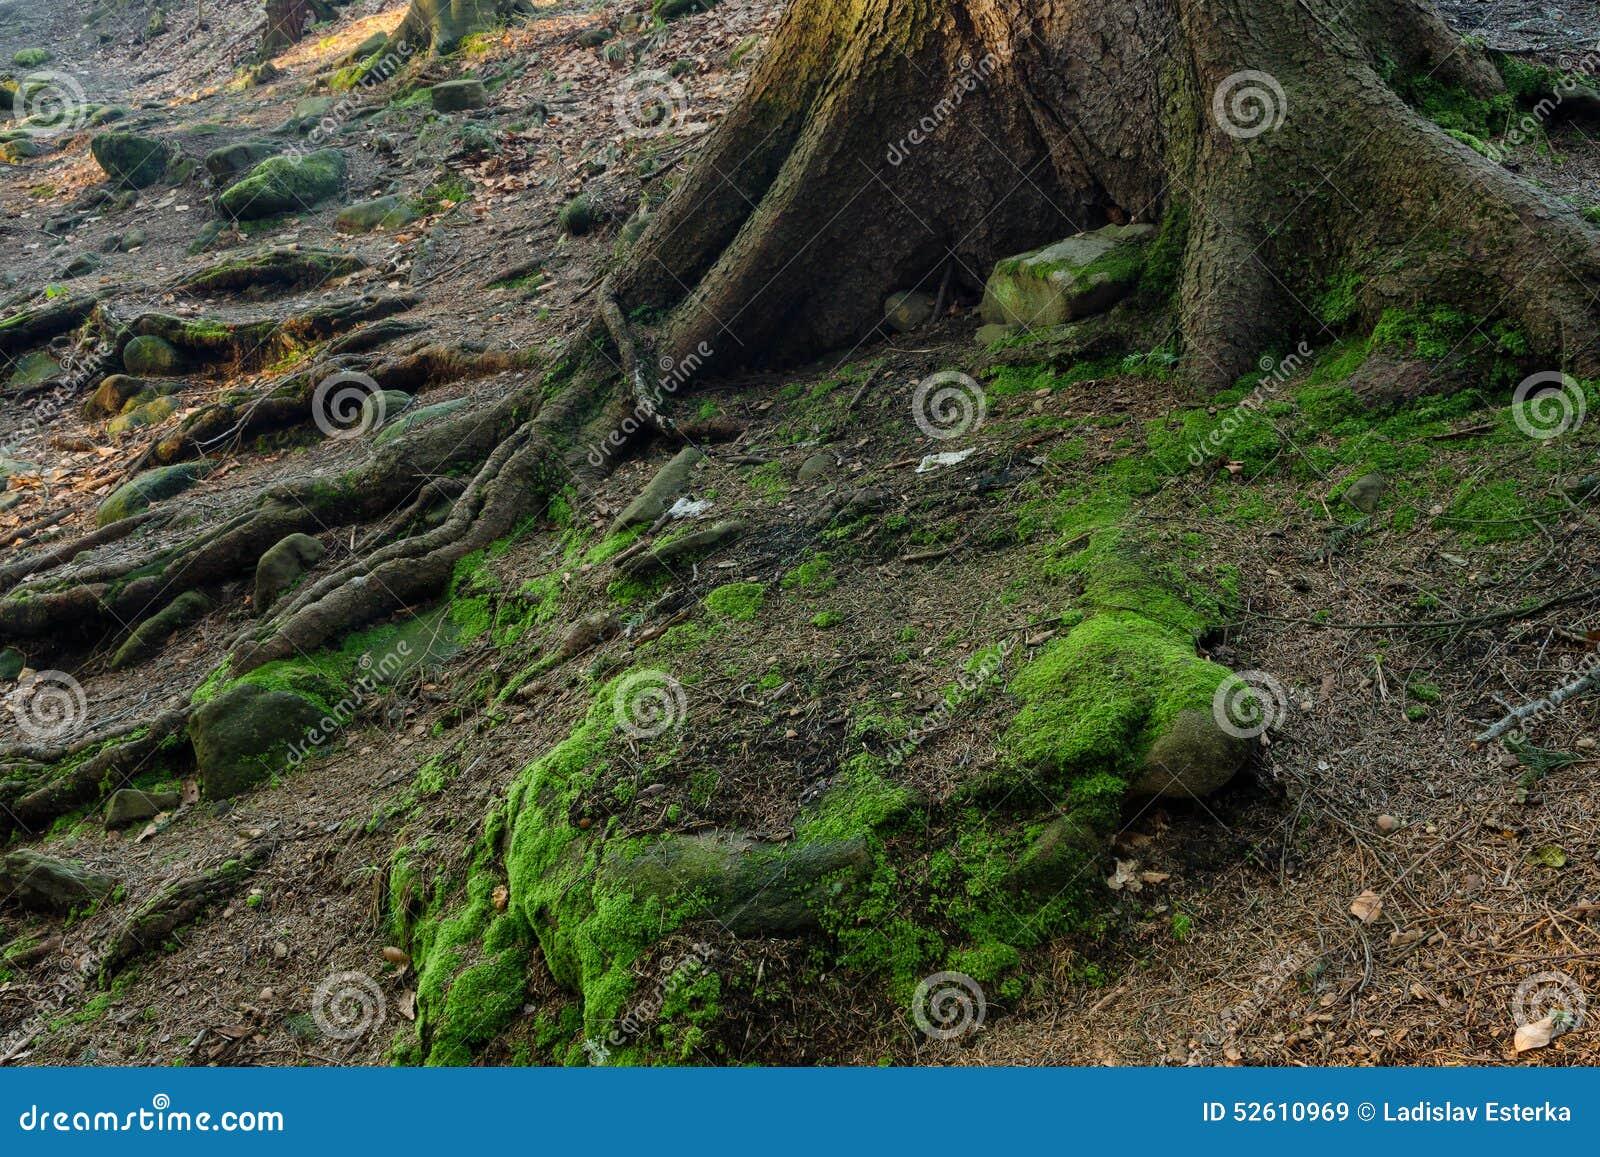 Moosige Felsen mit Wurzeln